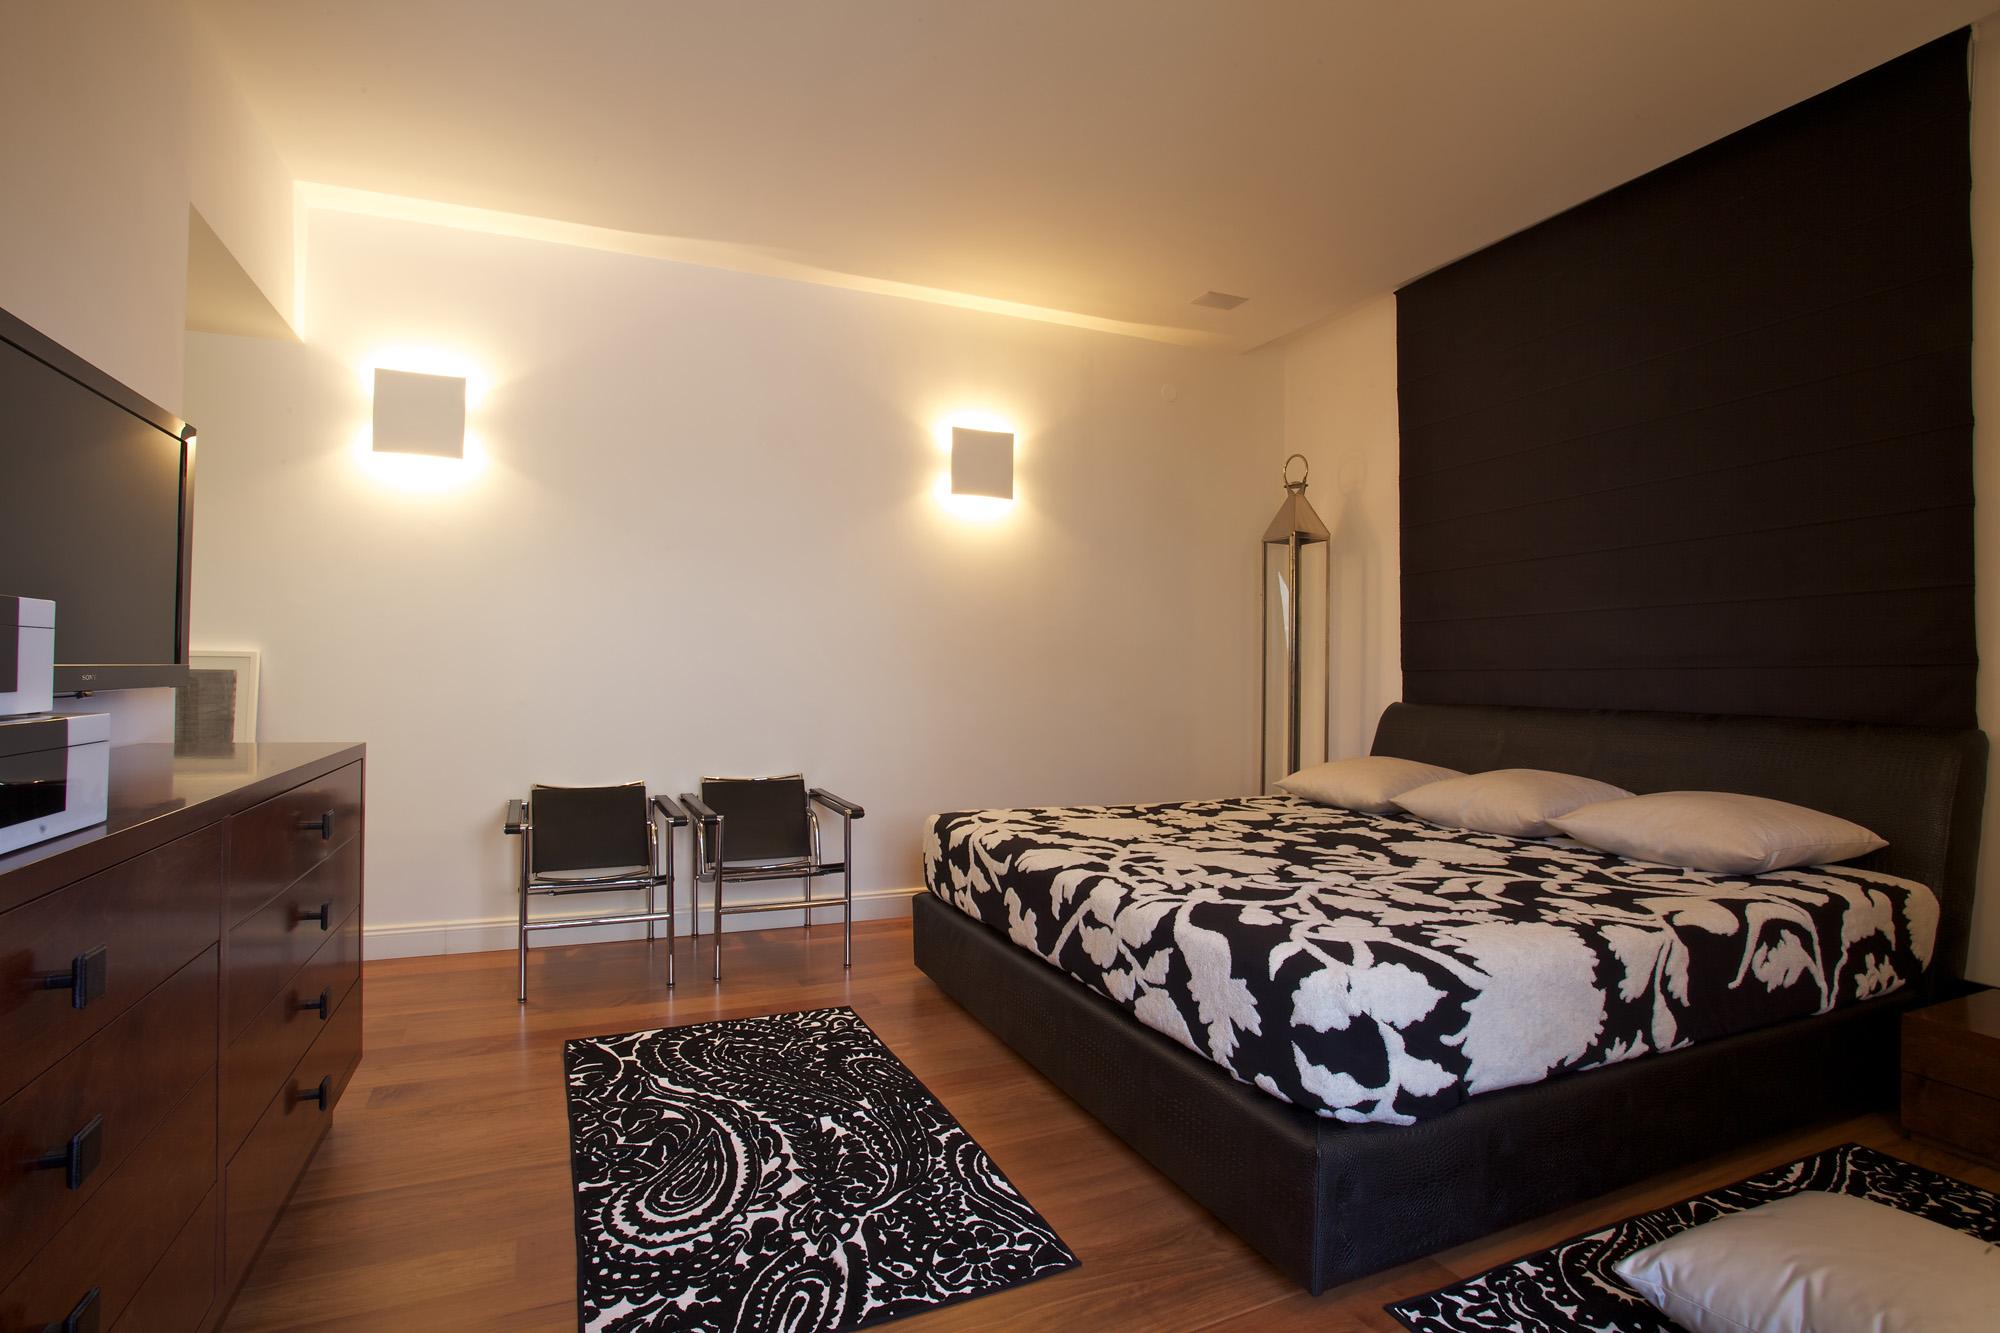 דירת גג במרכז תל-אביב – חדר שינה ראשי